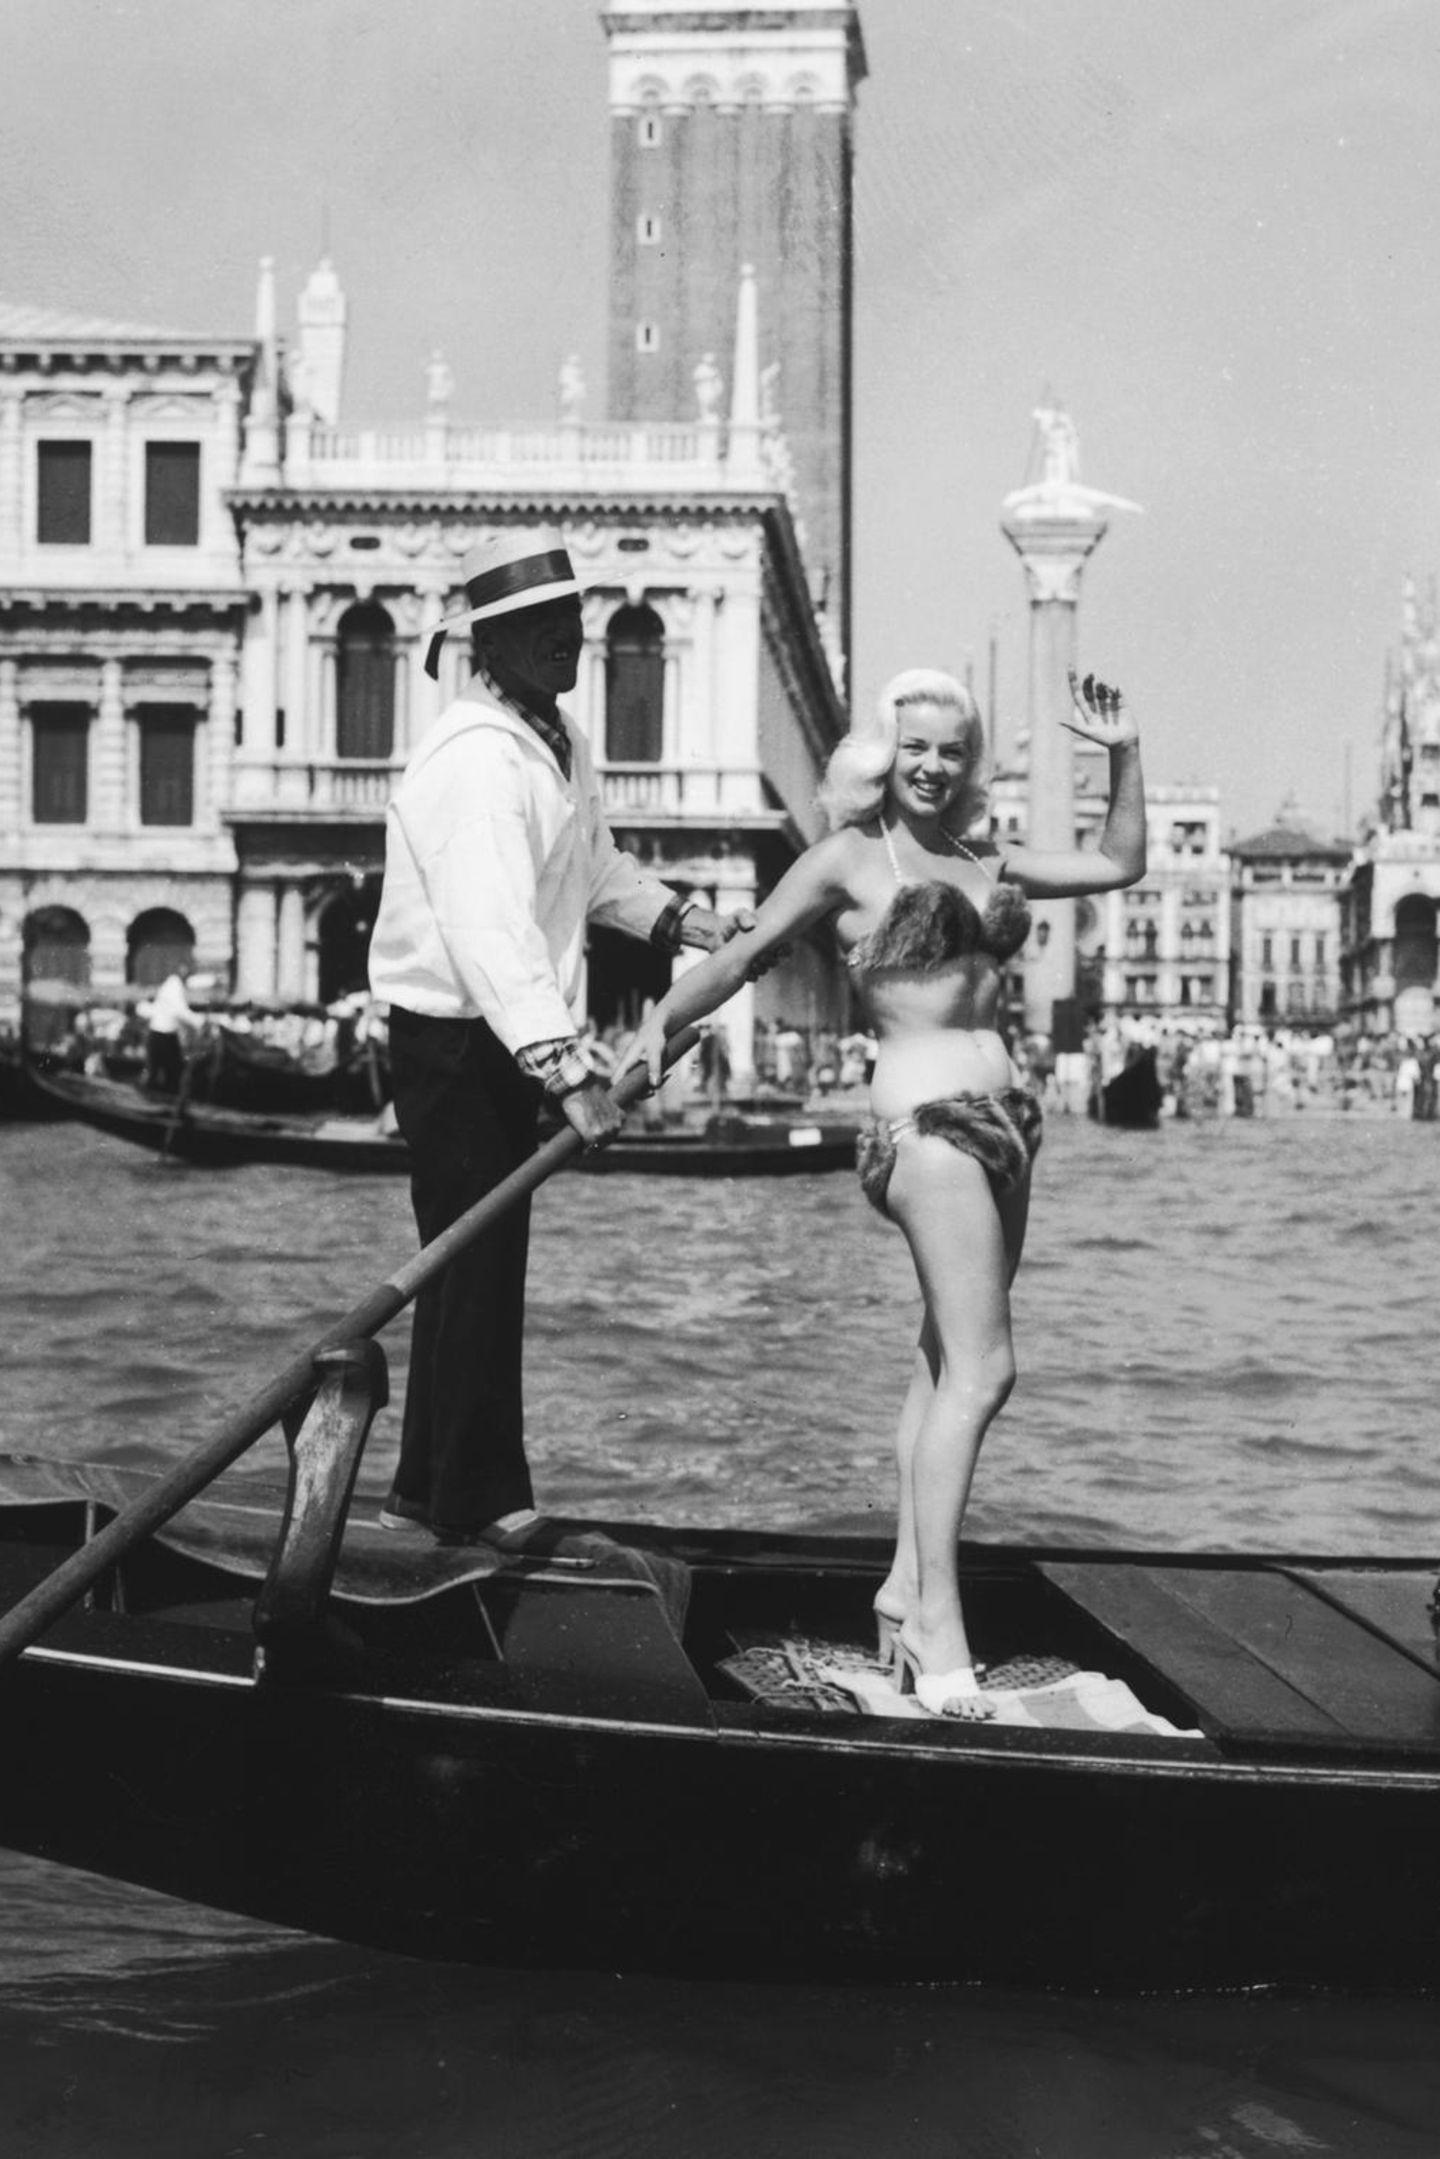 Bei Diana Dors Auftritt 1955 im Bikinimuss man einfach hinschauen. Ihr Modell besteht aus Fell und ist tatsächlich ein Triangel-Modell. Diese Form wurde erst neun Jahre zuvor erfunden.